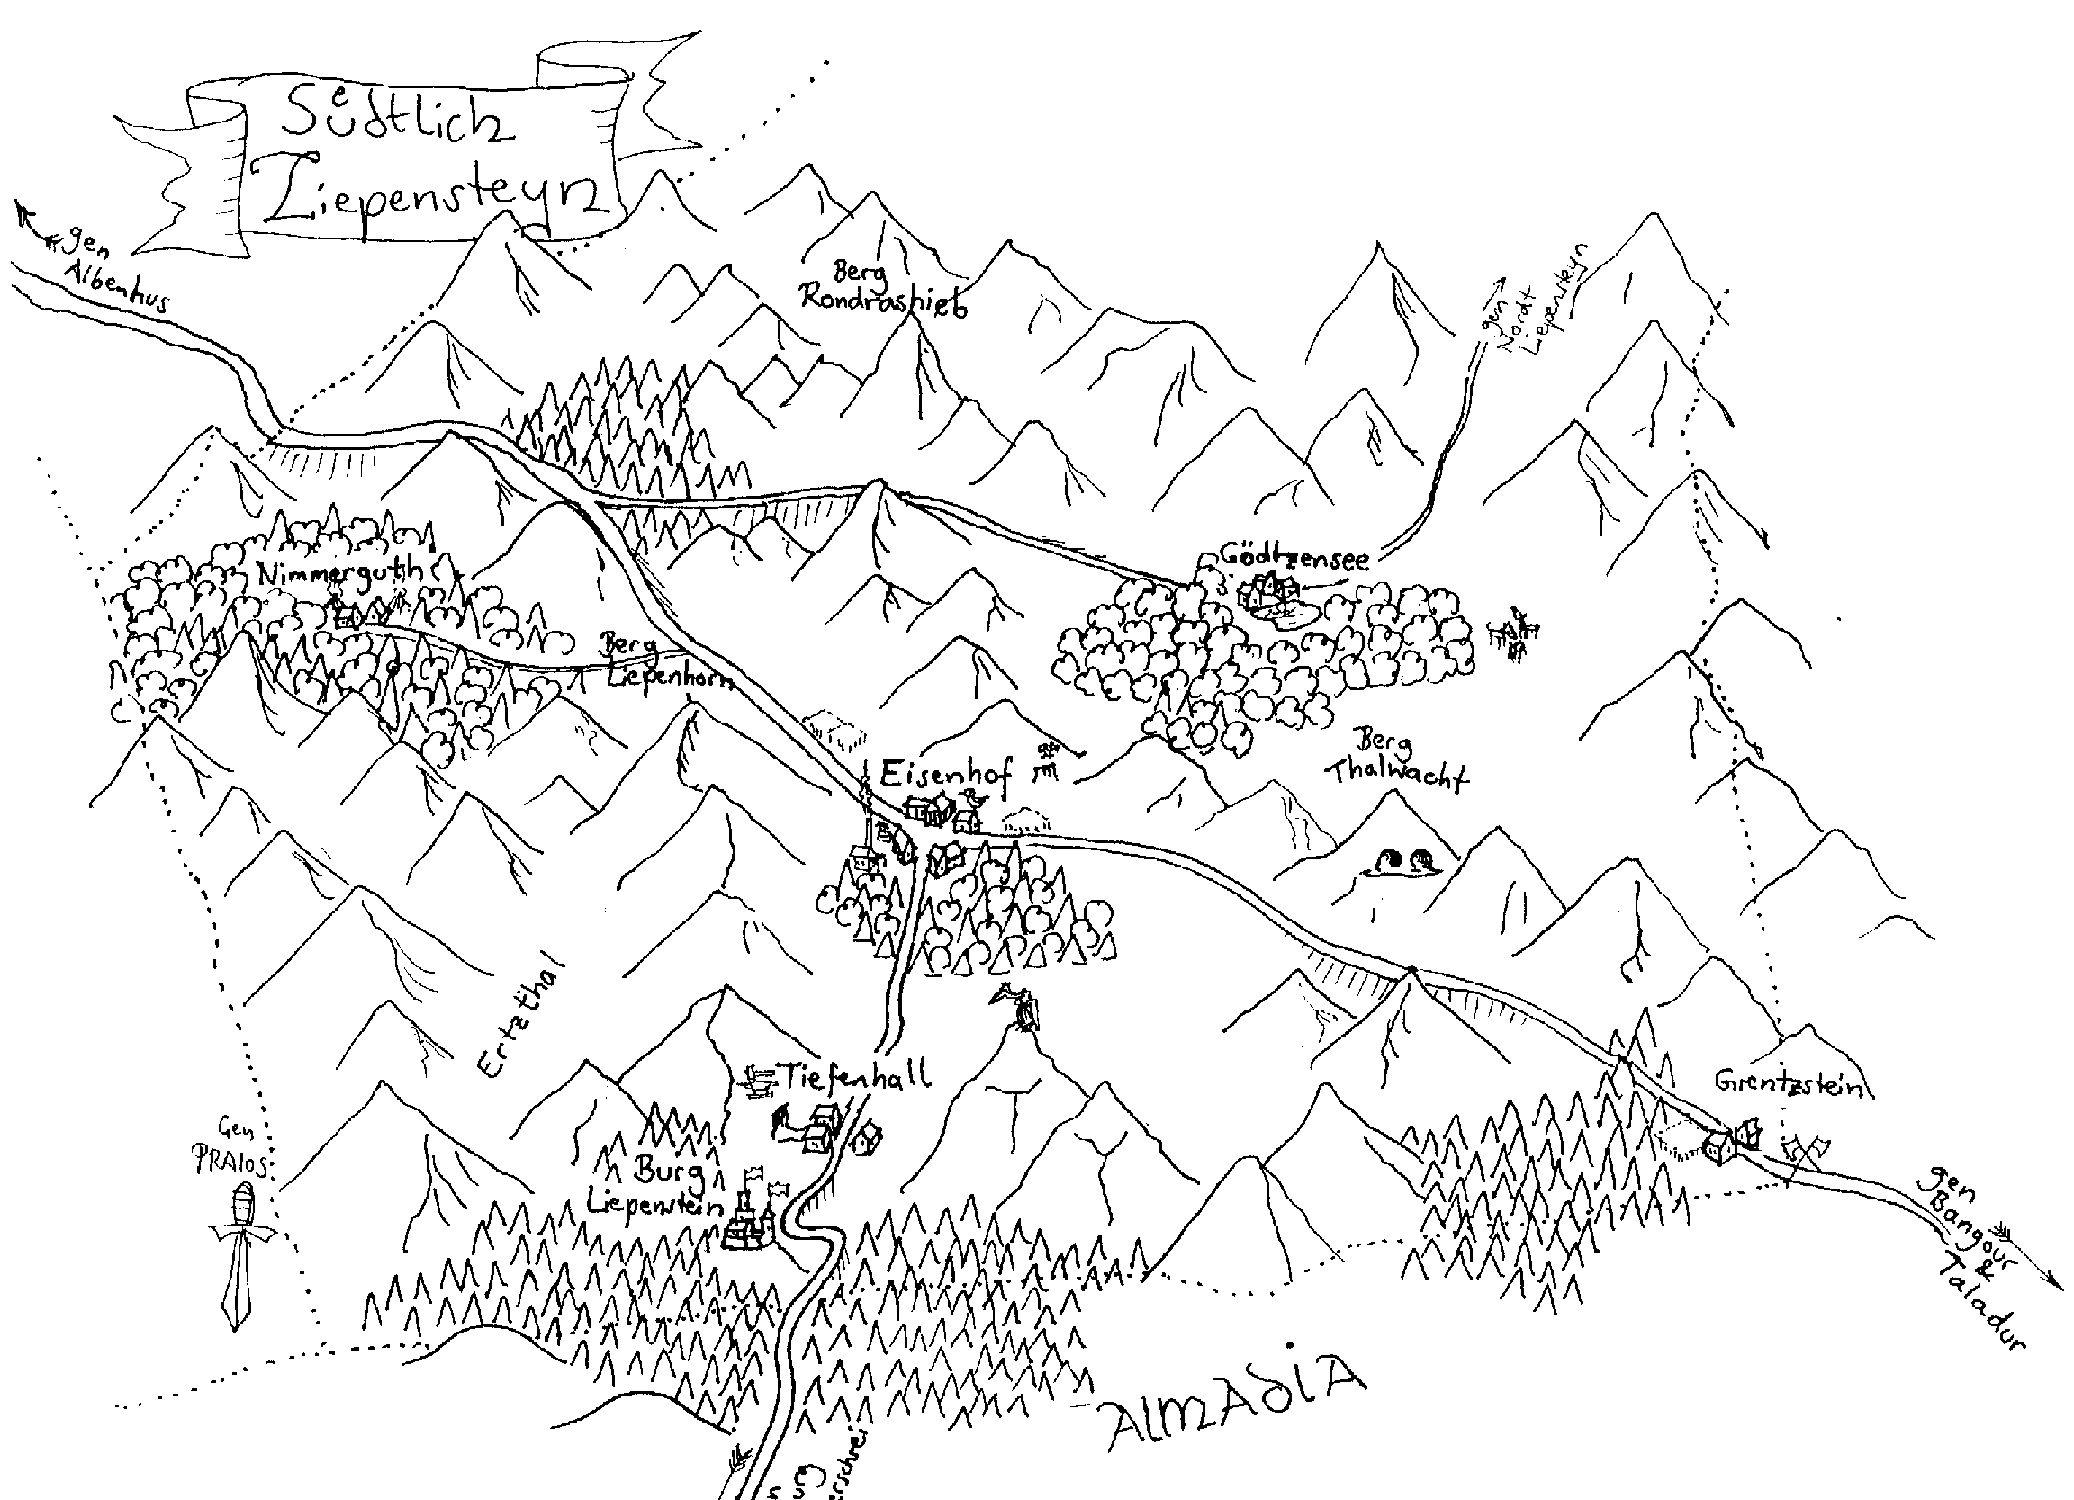 Karte Süd-Liepenstein (c) M. Lorber